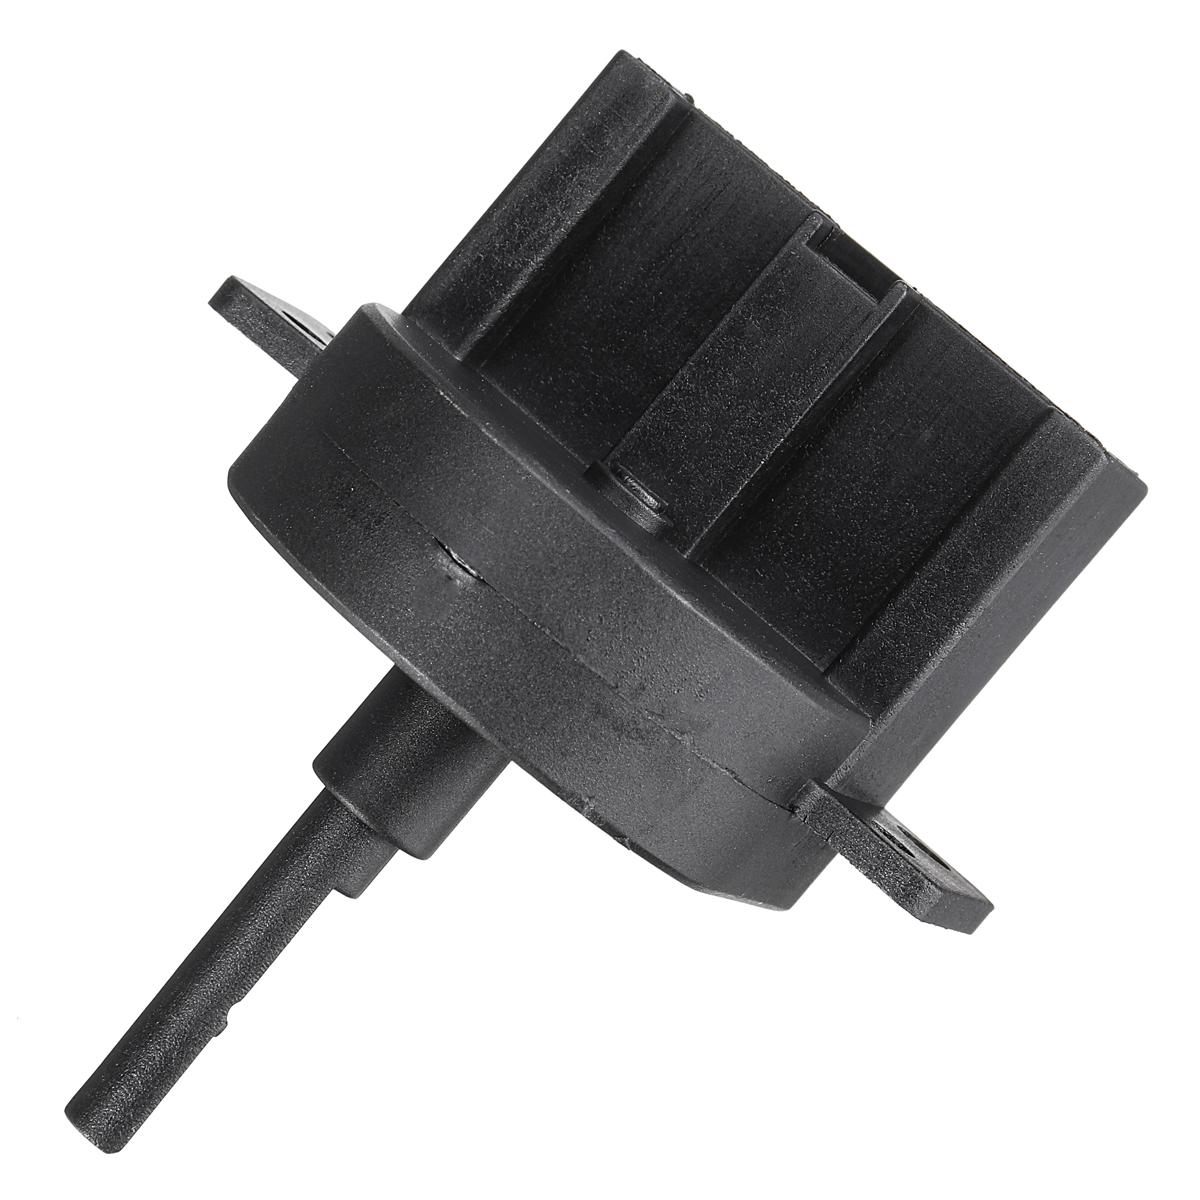 ILS 77362439 Heater Fan Switch for Citroen Boxer Fiat Ducato Peugeot Relay